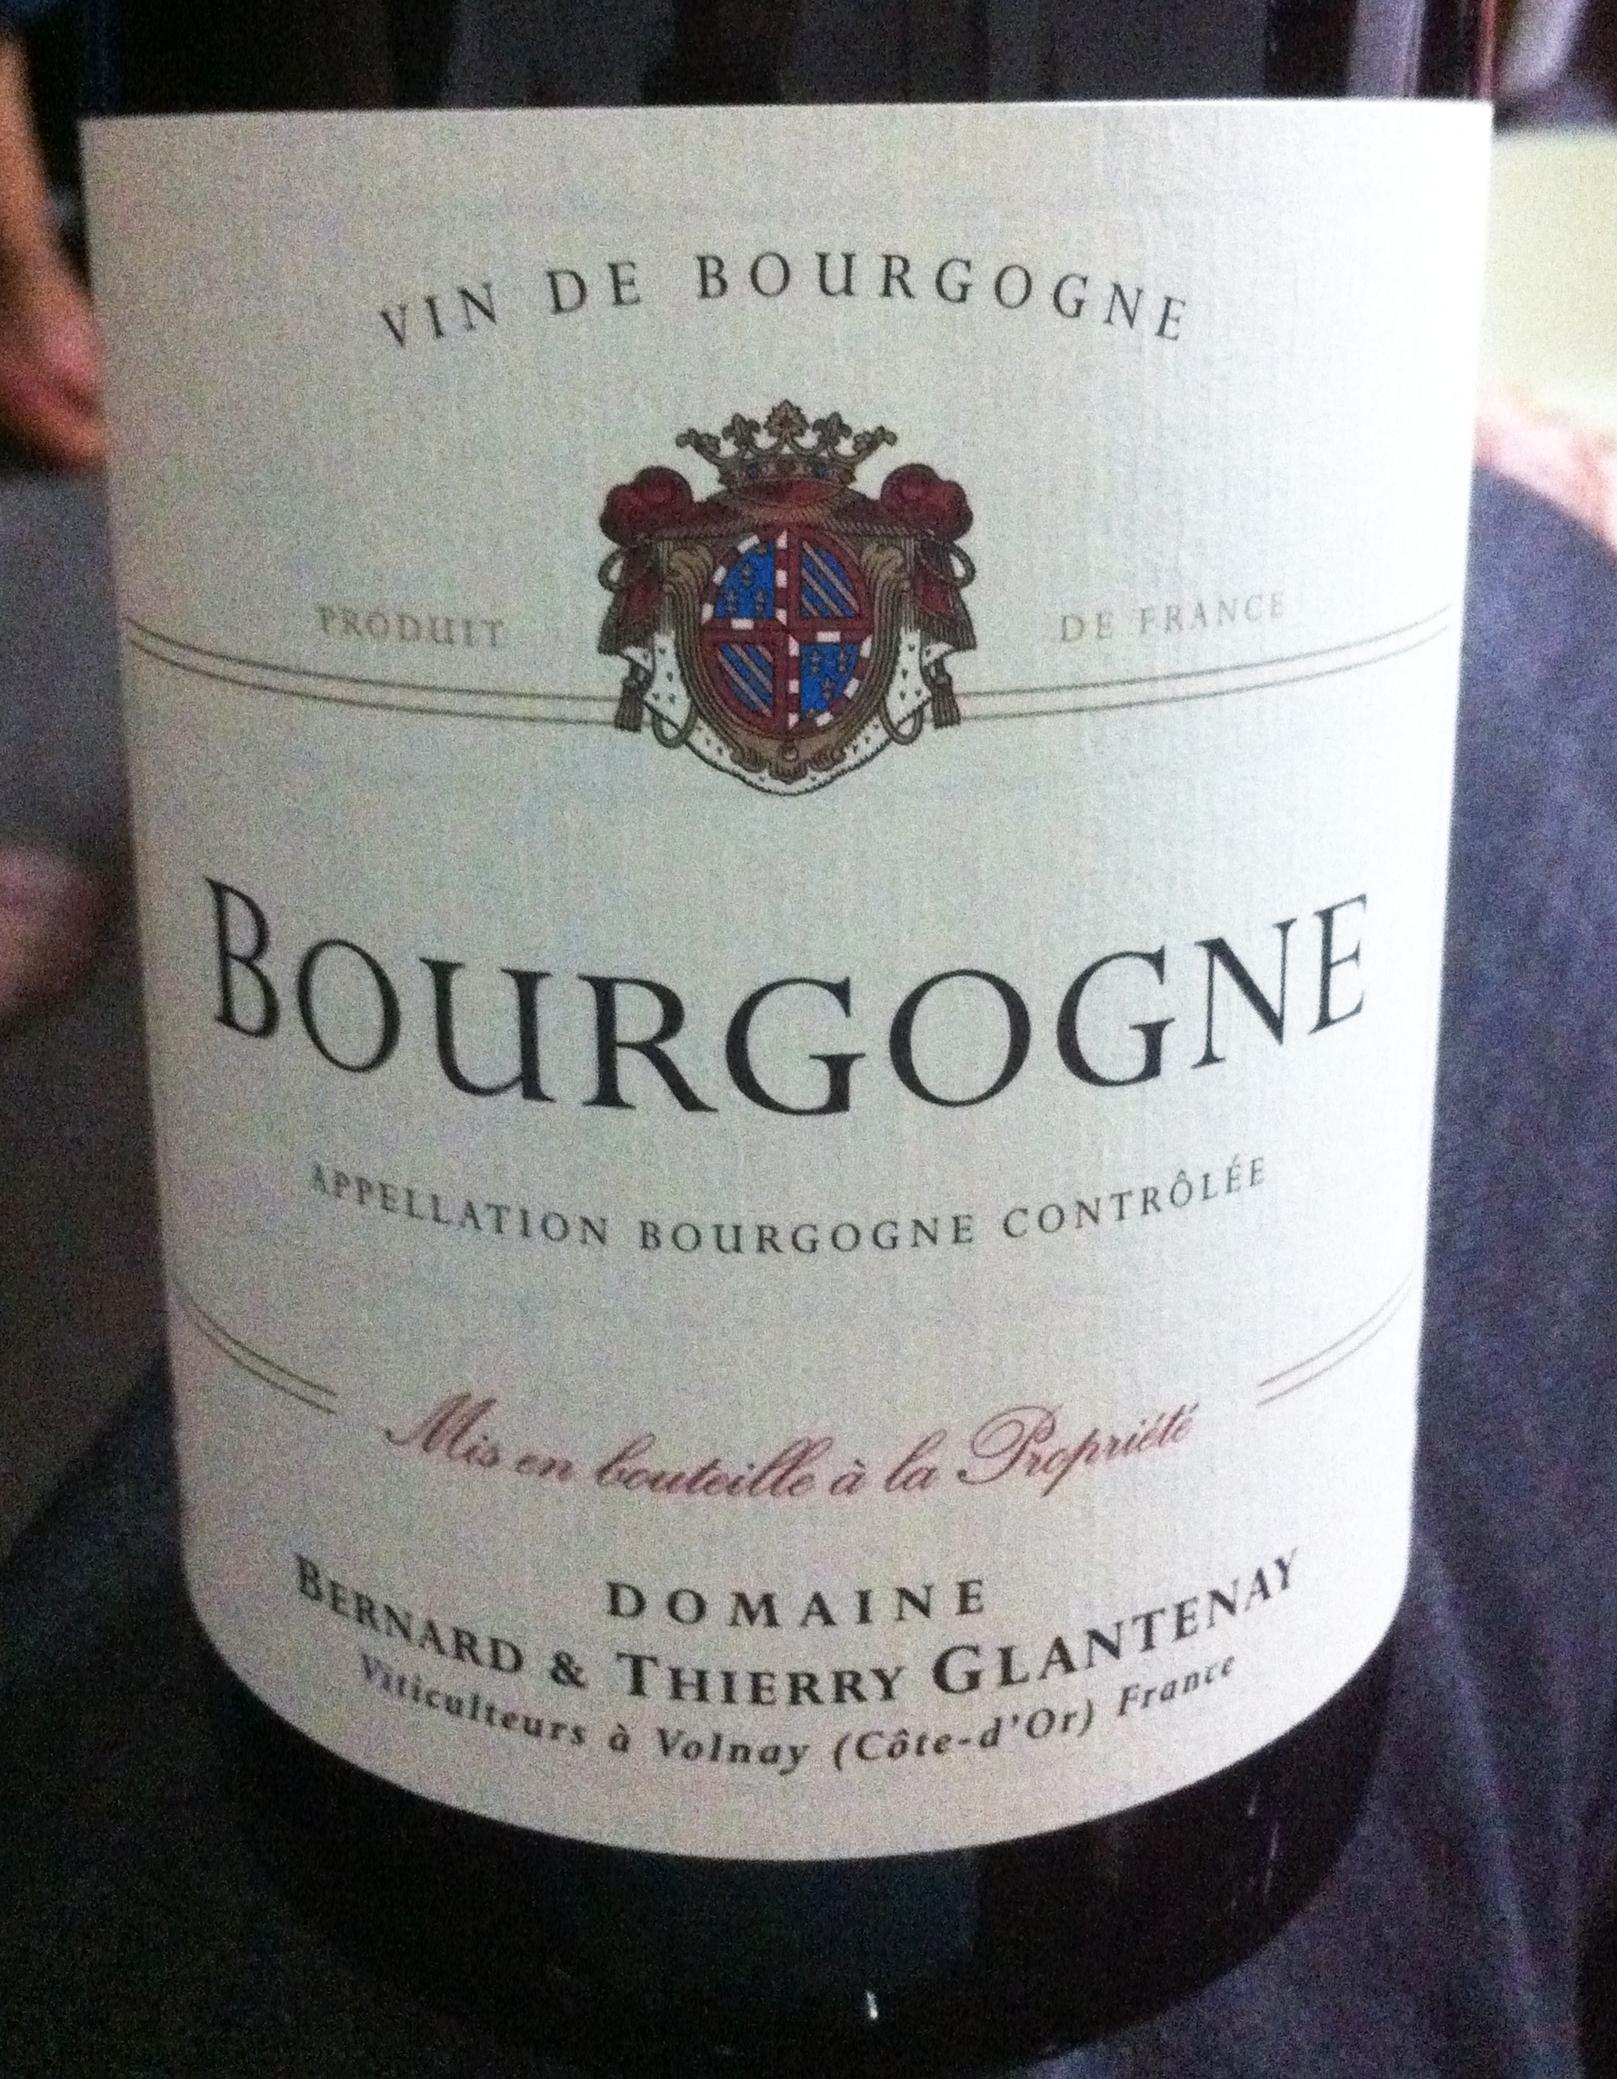 Le vin de bourgogne : une région viticole